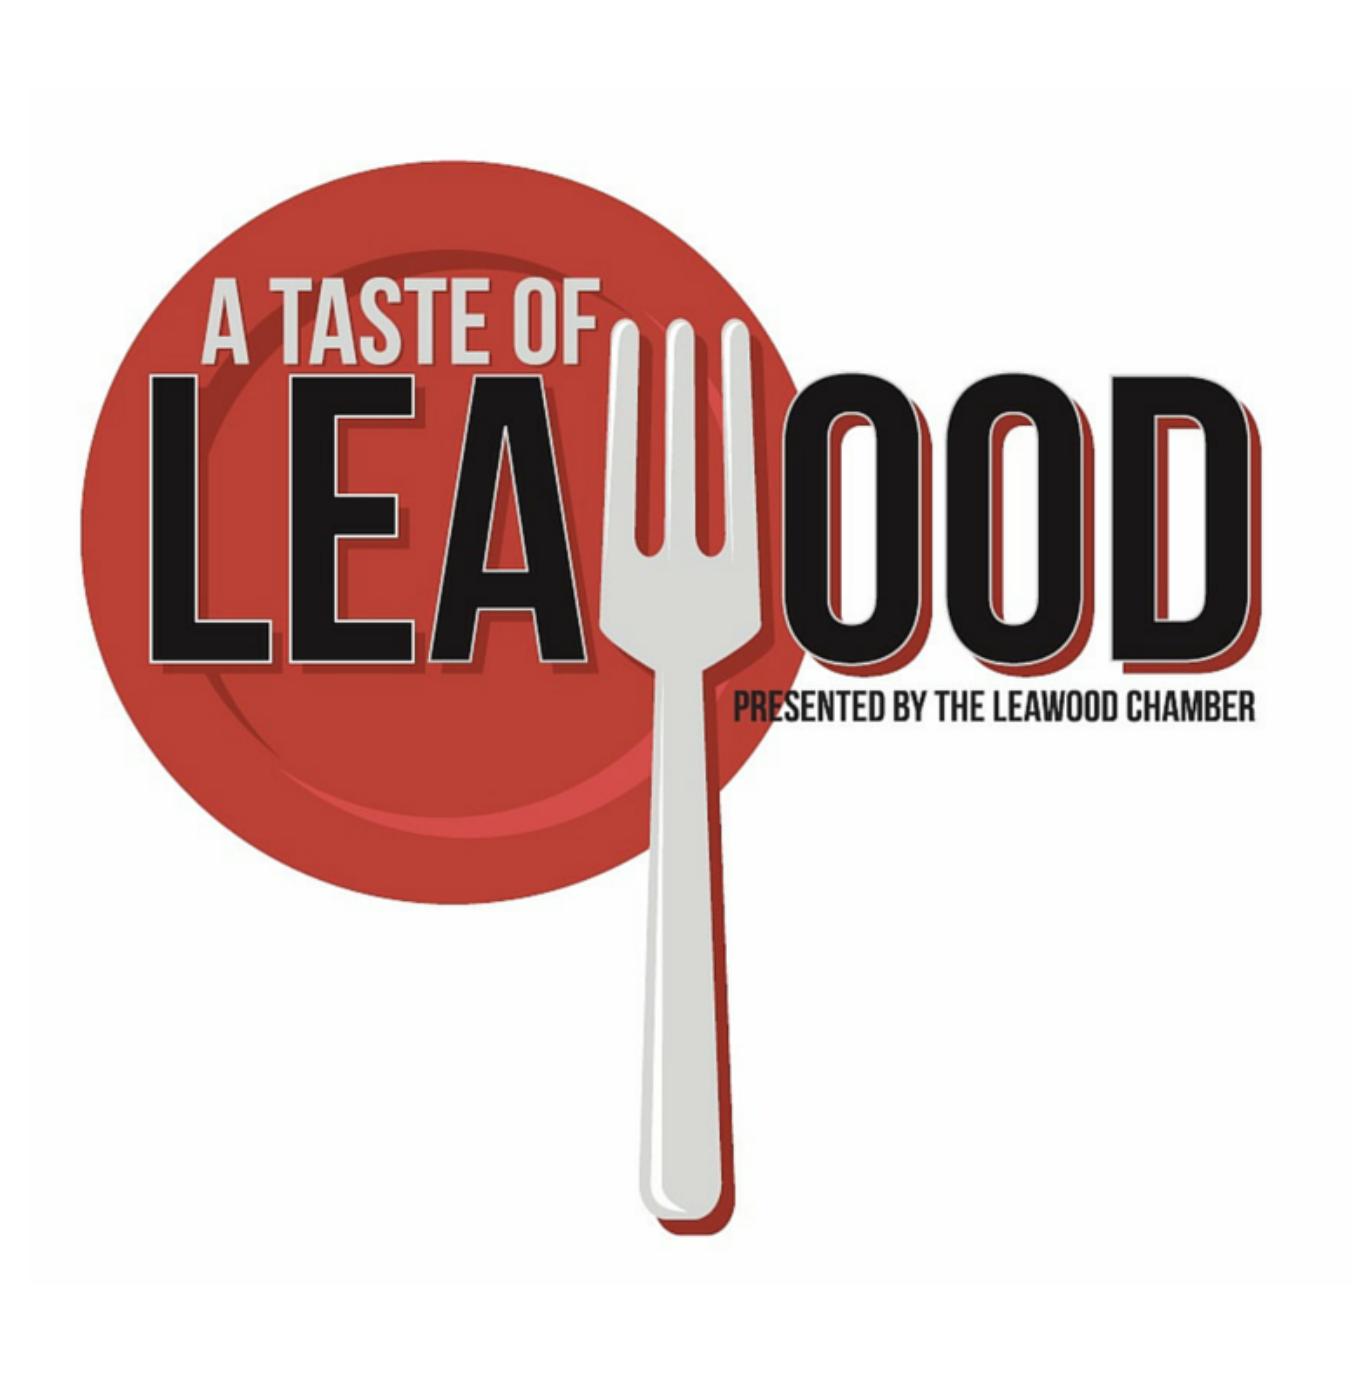 Taste of Leawood